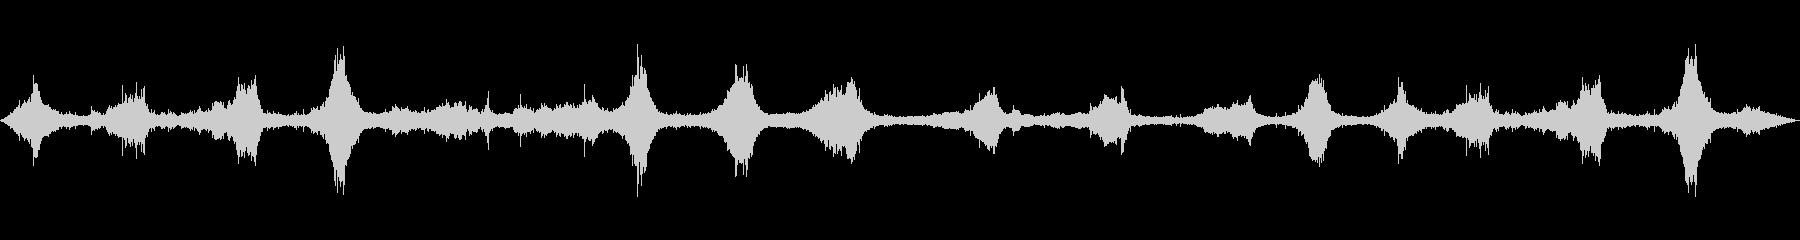 波の音~沖縄のビーチ【生録音】の未再生の波形